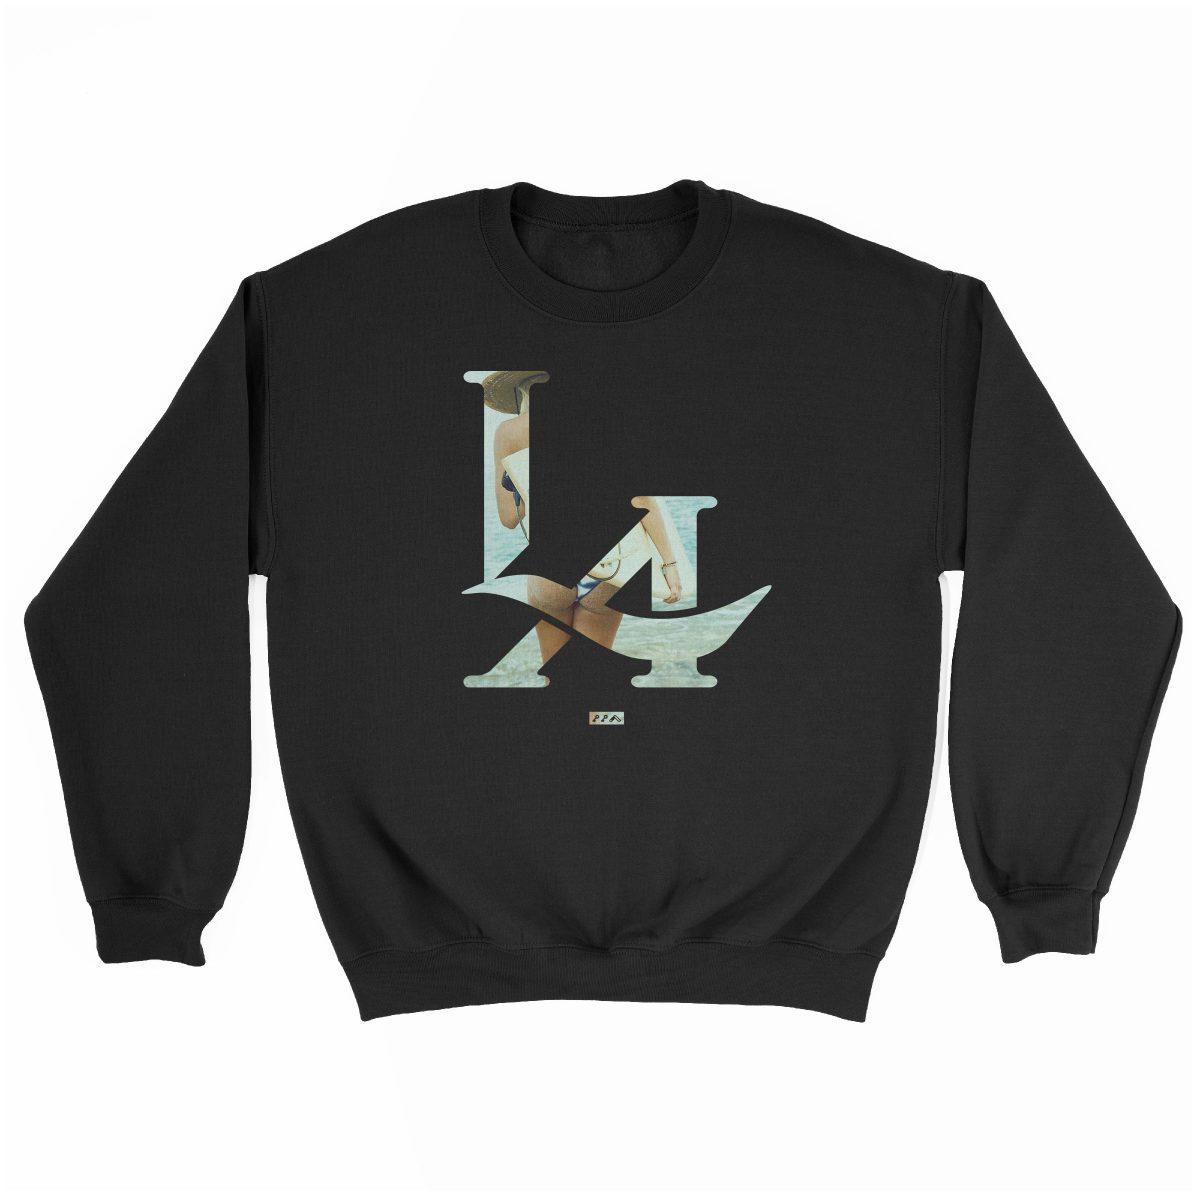 LA logo los angeles surfs up bikini ass beach sweatshirt in black at kikicutt.com